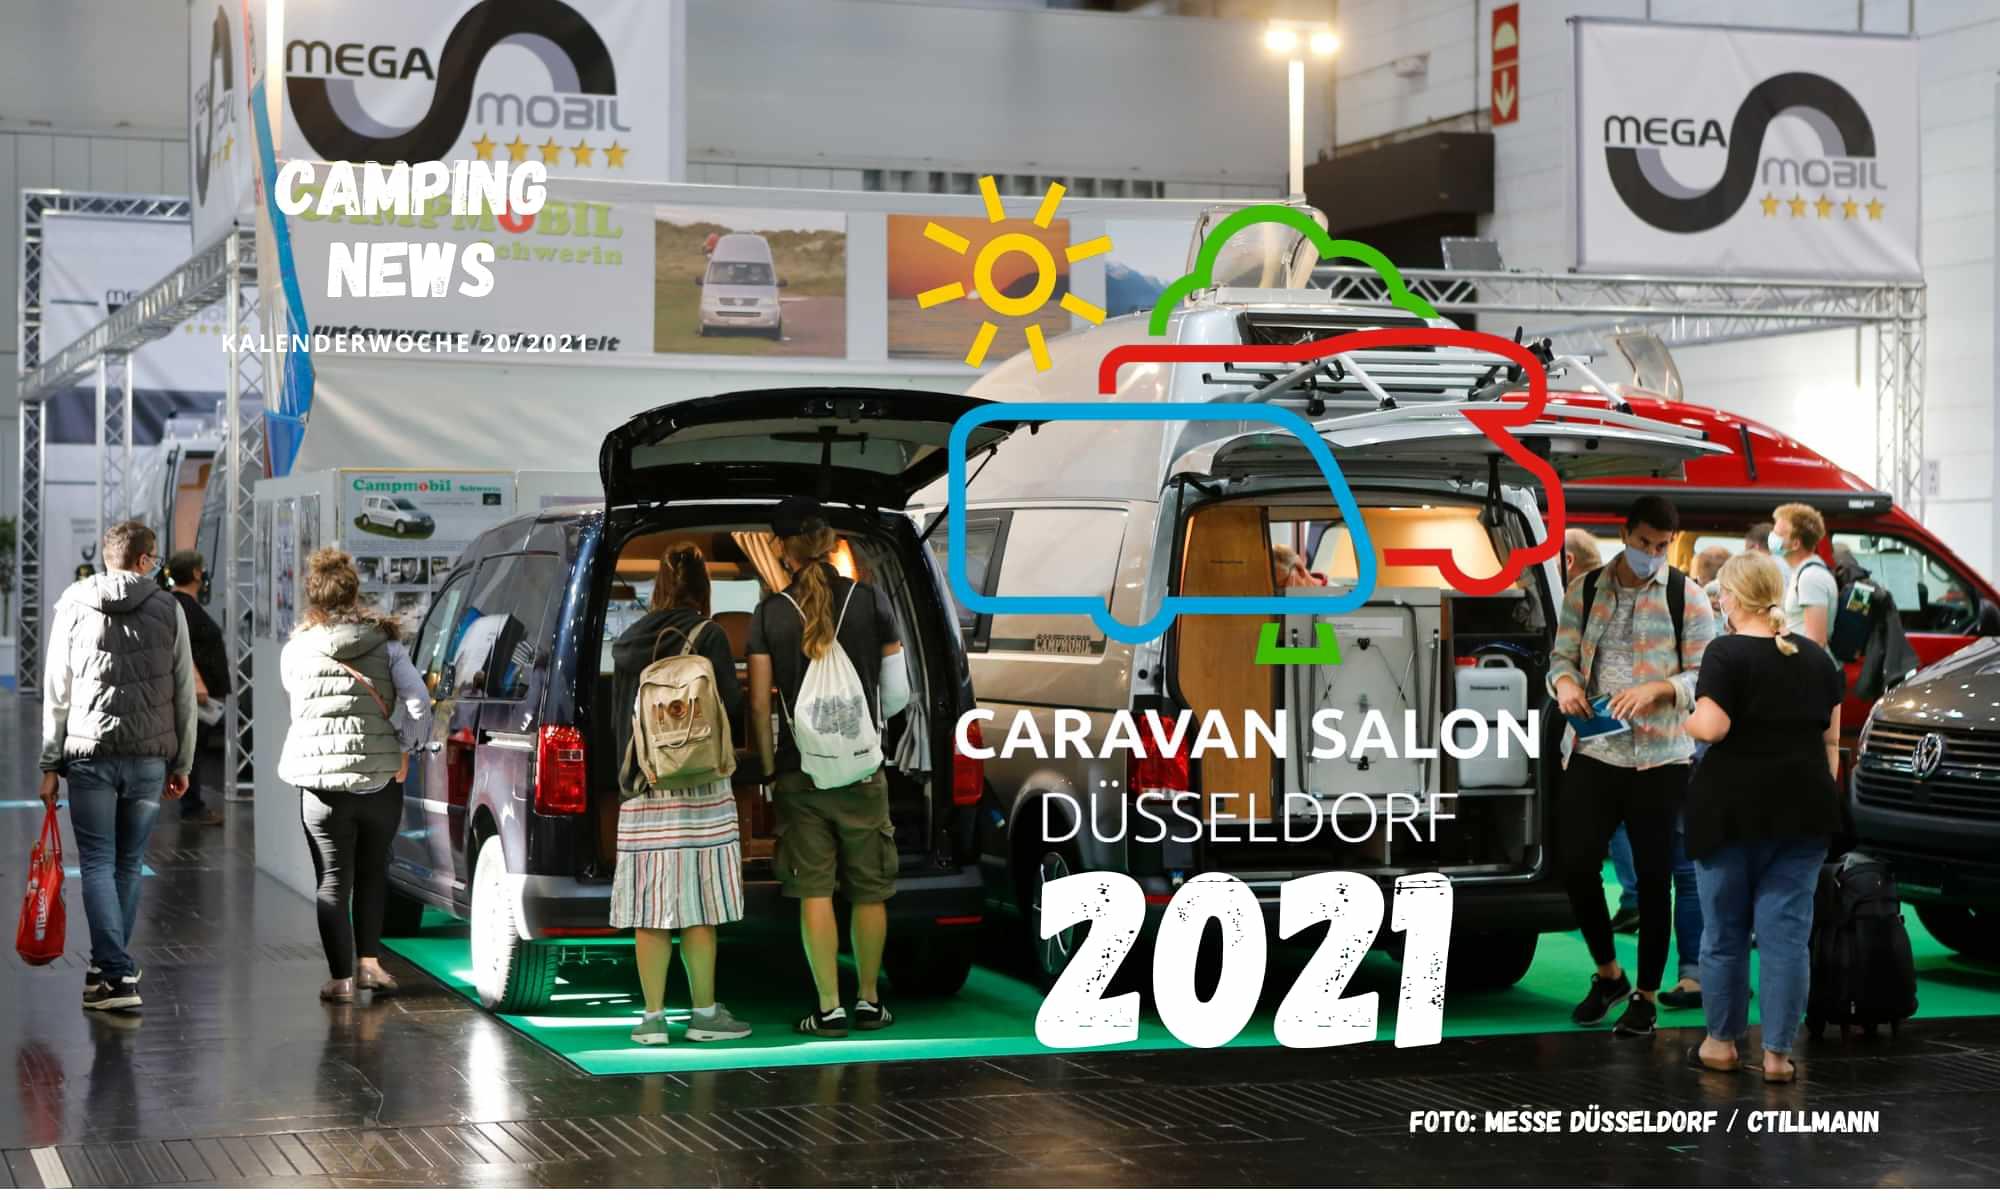 Caravan Salon Düsseldorf findet auch 2021 statt